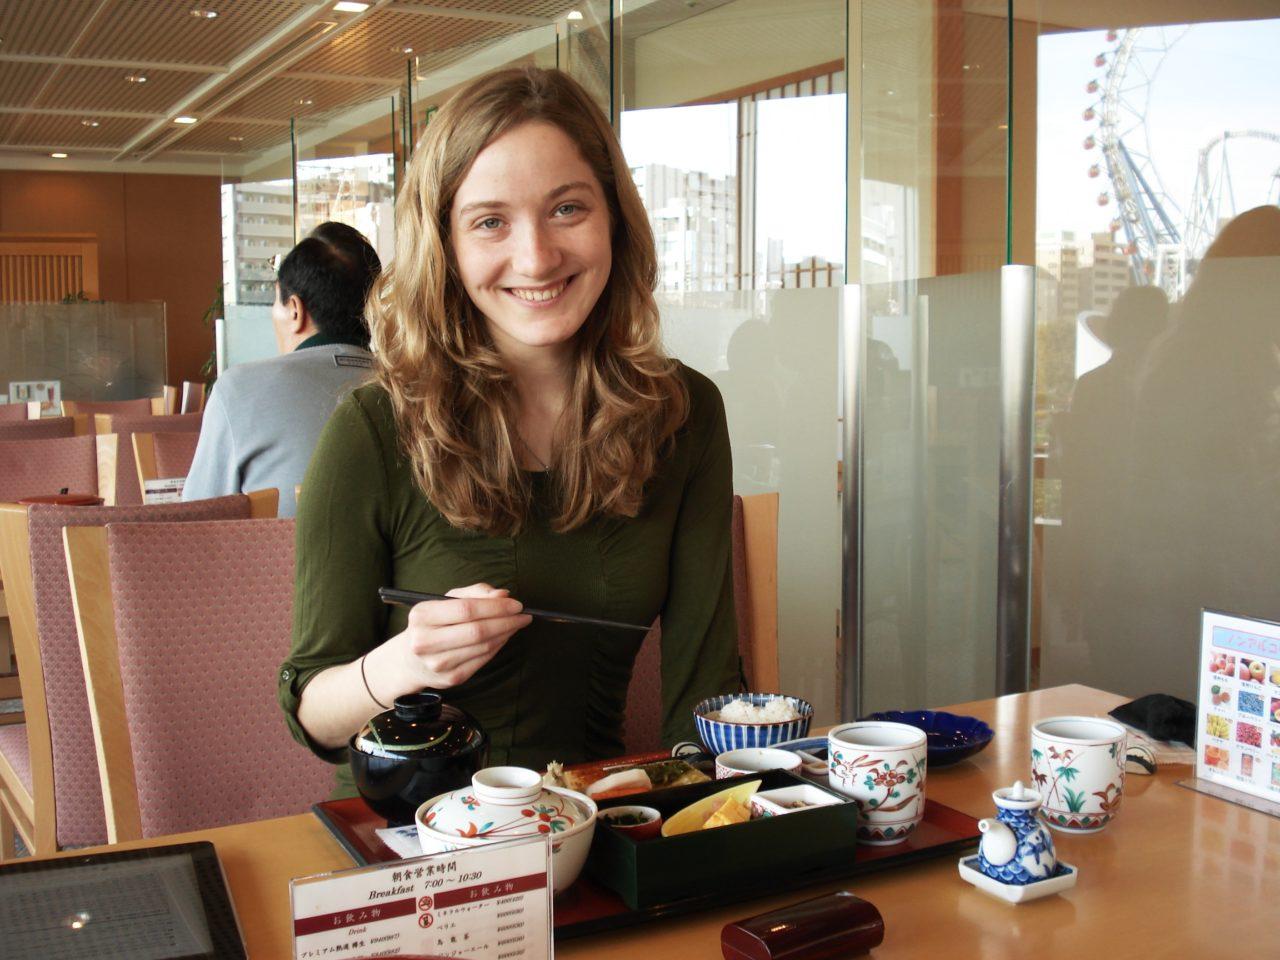 Technion : Japanese Breakfast in Campus Restaurant